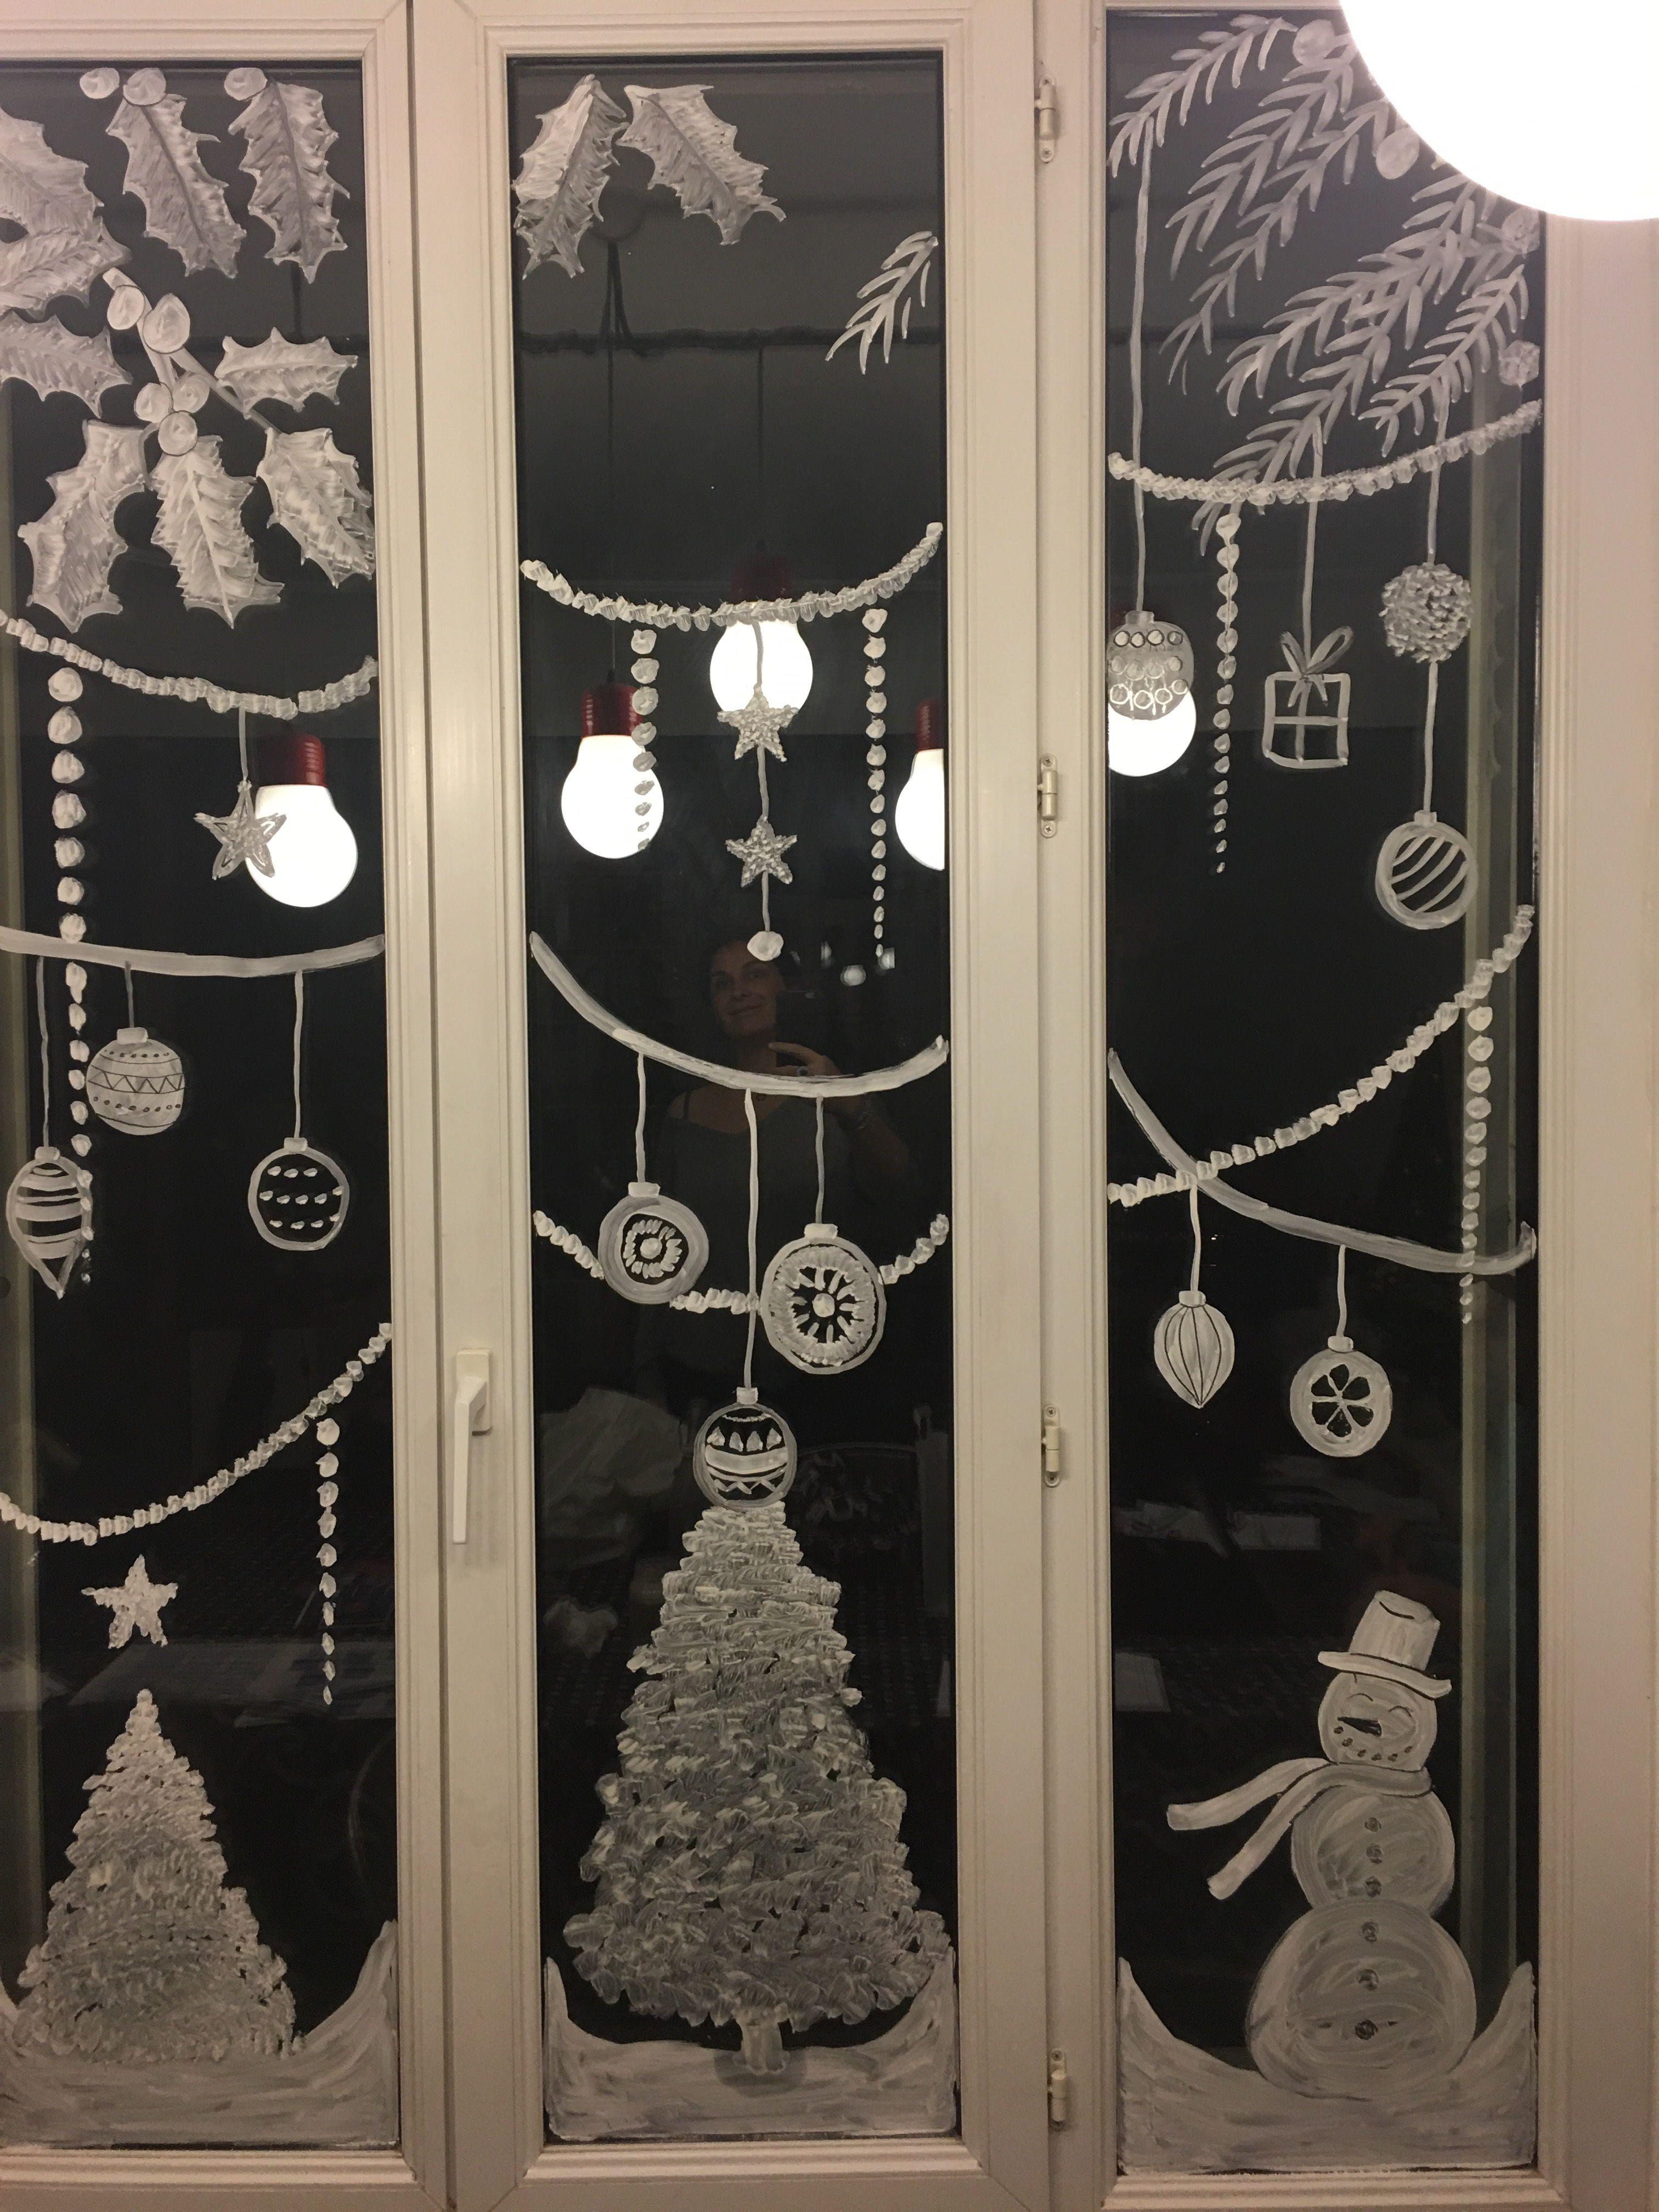 Dessin De Noel Sur Vitre : dessin, vitre, Dessiner, Vitre, Astuces, Conseils, Decor, Noel,, Decoration, Fenetre